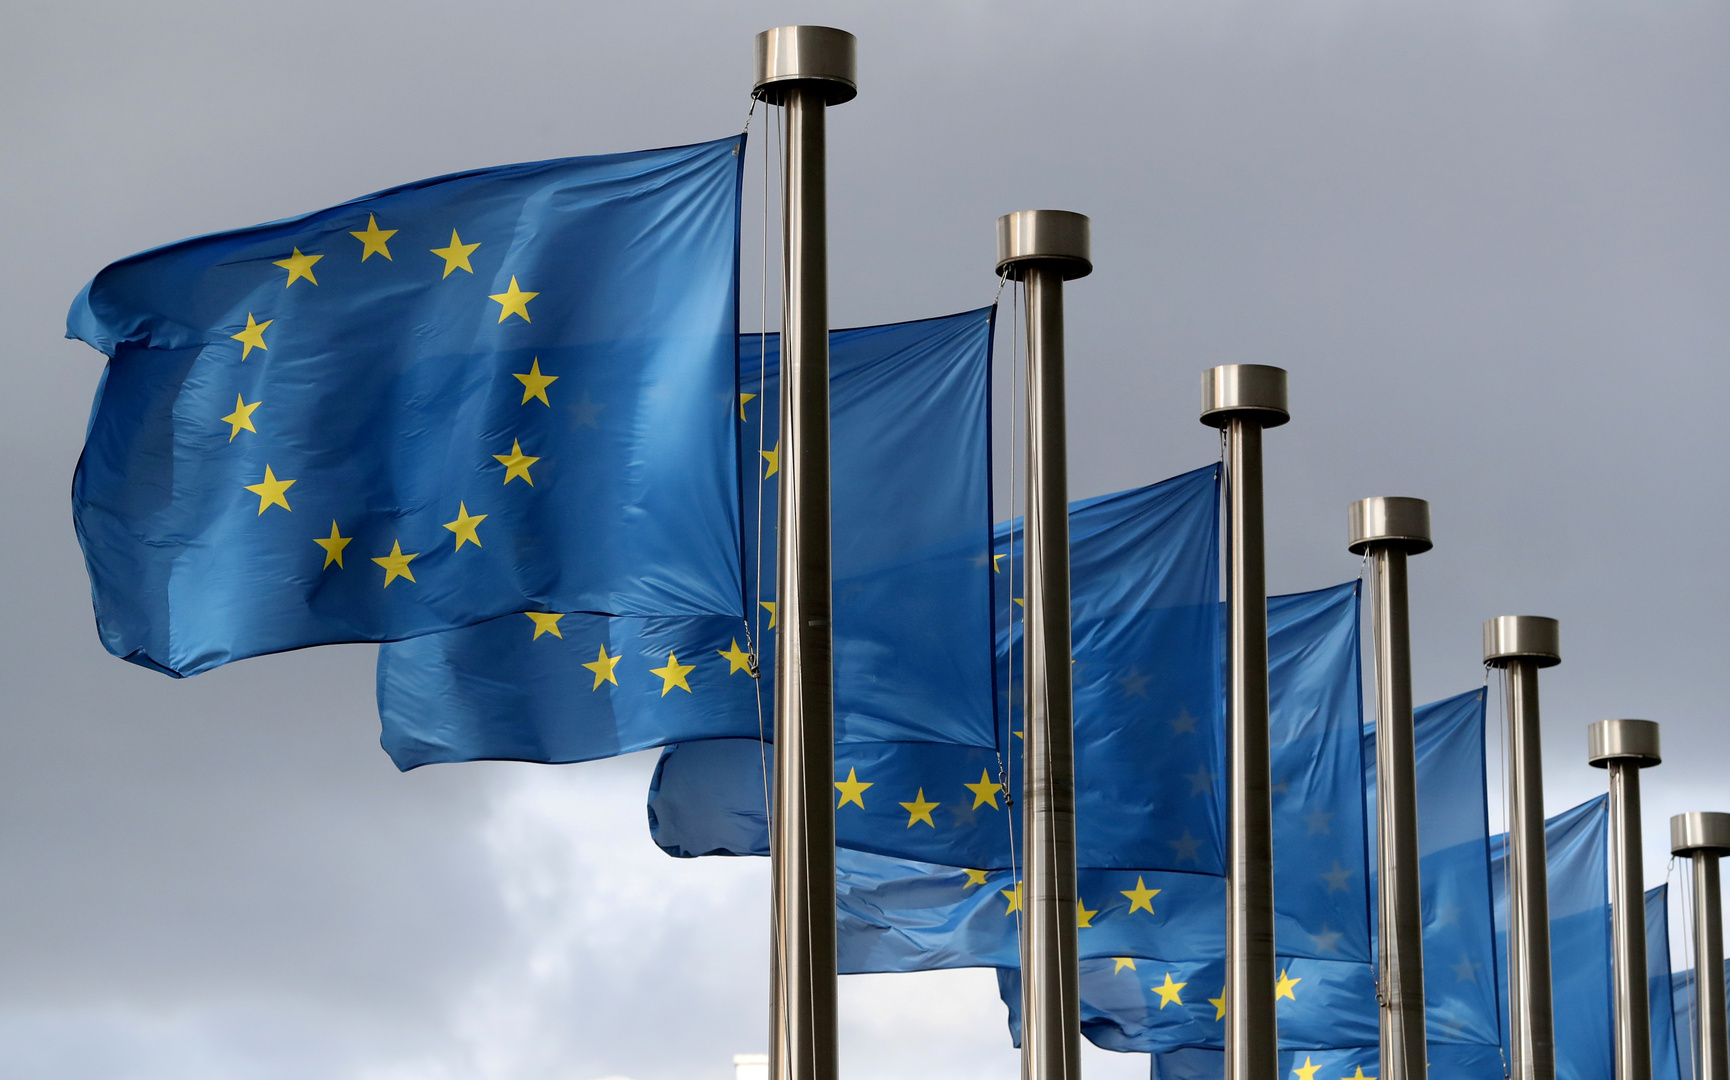 اجتماع أوروبي طارئ يوم الثلاثاء بخصوص التصعيد الفلسطيني-الإسرائيلي